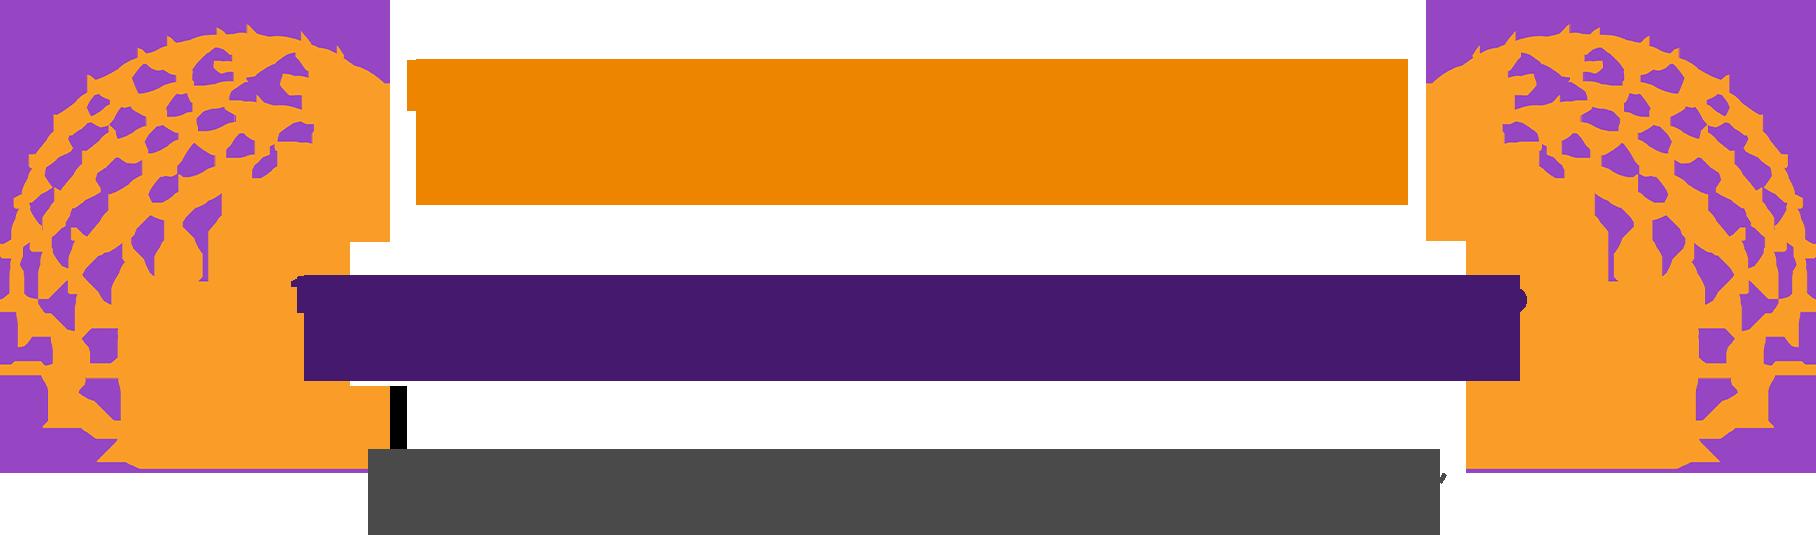 Datos de alta velocidad sin límites por $60. 15GB de datos para hotspot. Incluye Amazon Prime. Ahorra $30 en cada línea adicional.